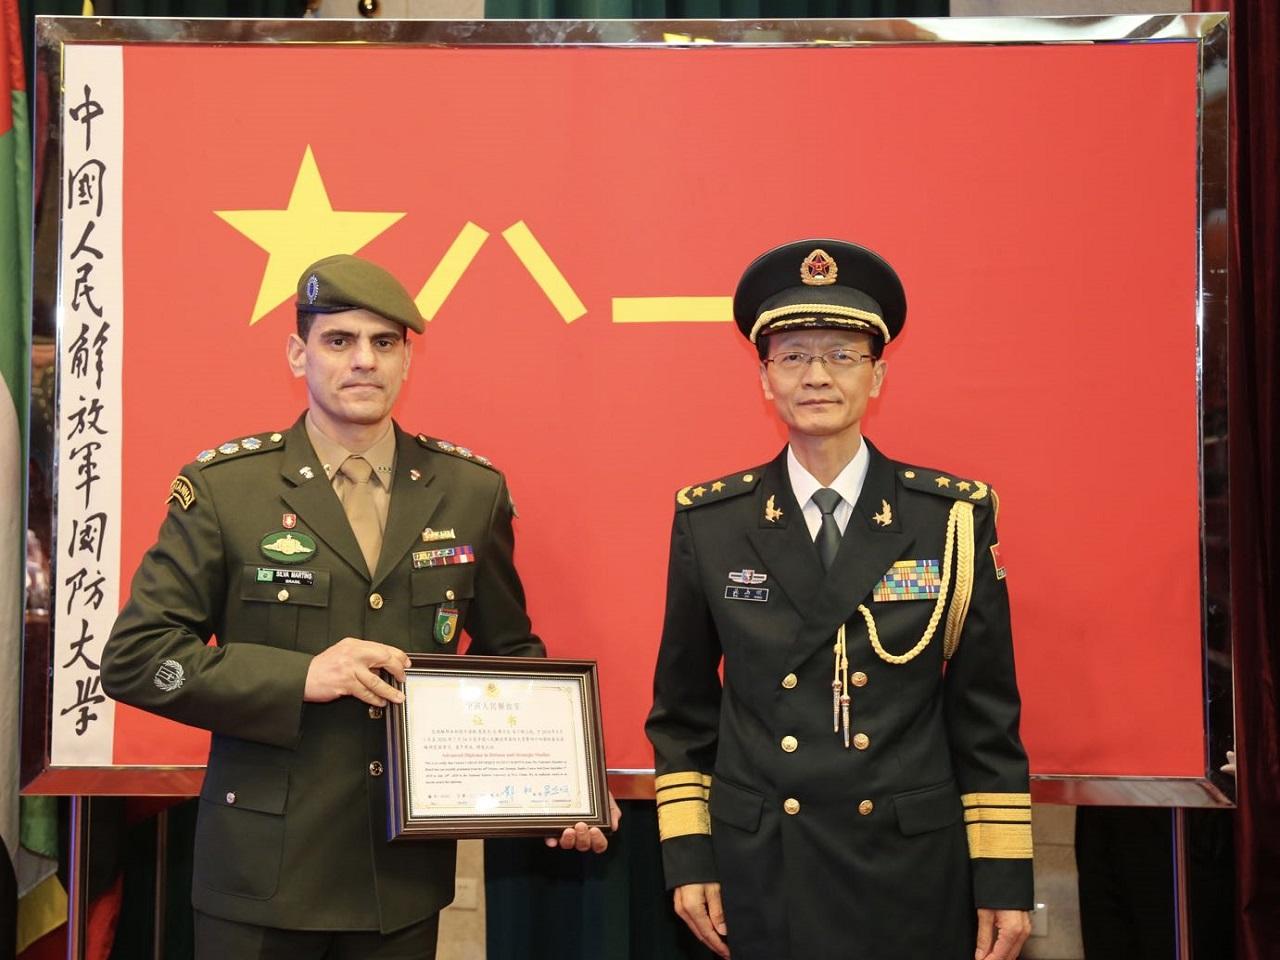 Oficiais do Exército Brasileiro concluem curso de altos estudos na National Defense University da China